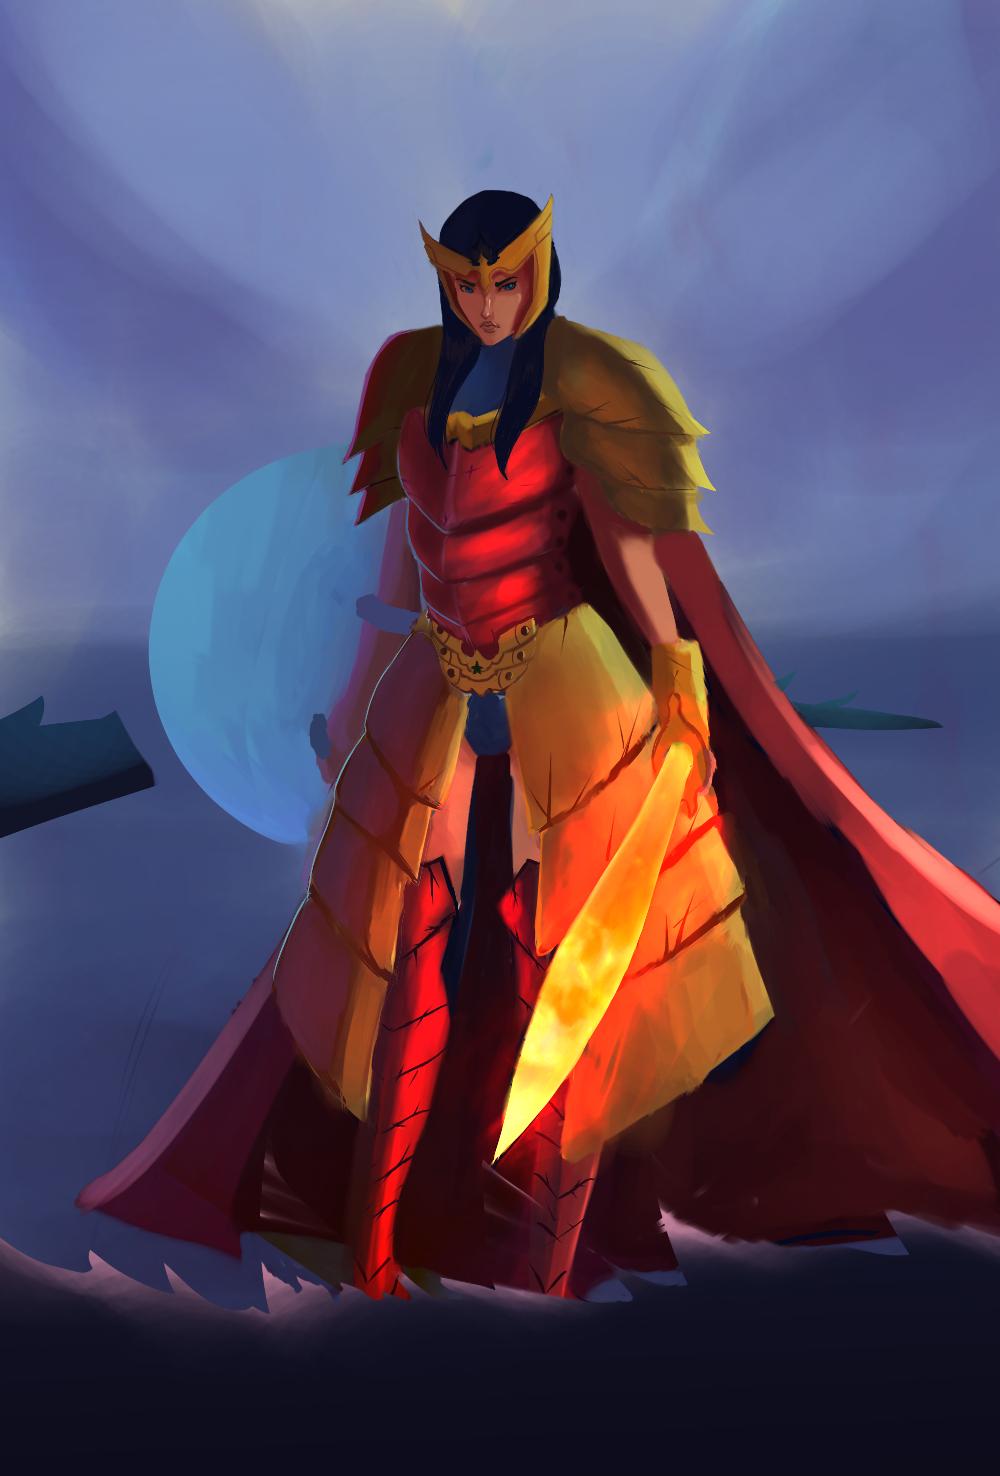 Wonder Woman LVL 99